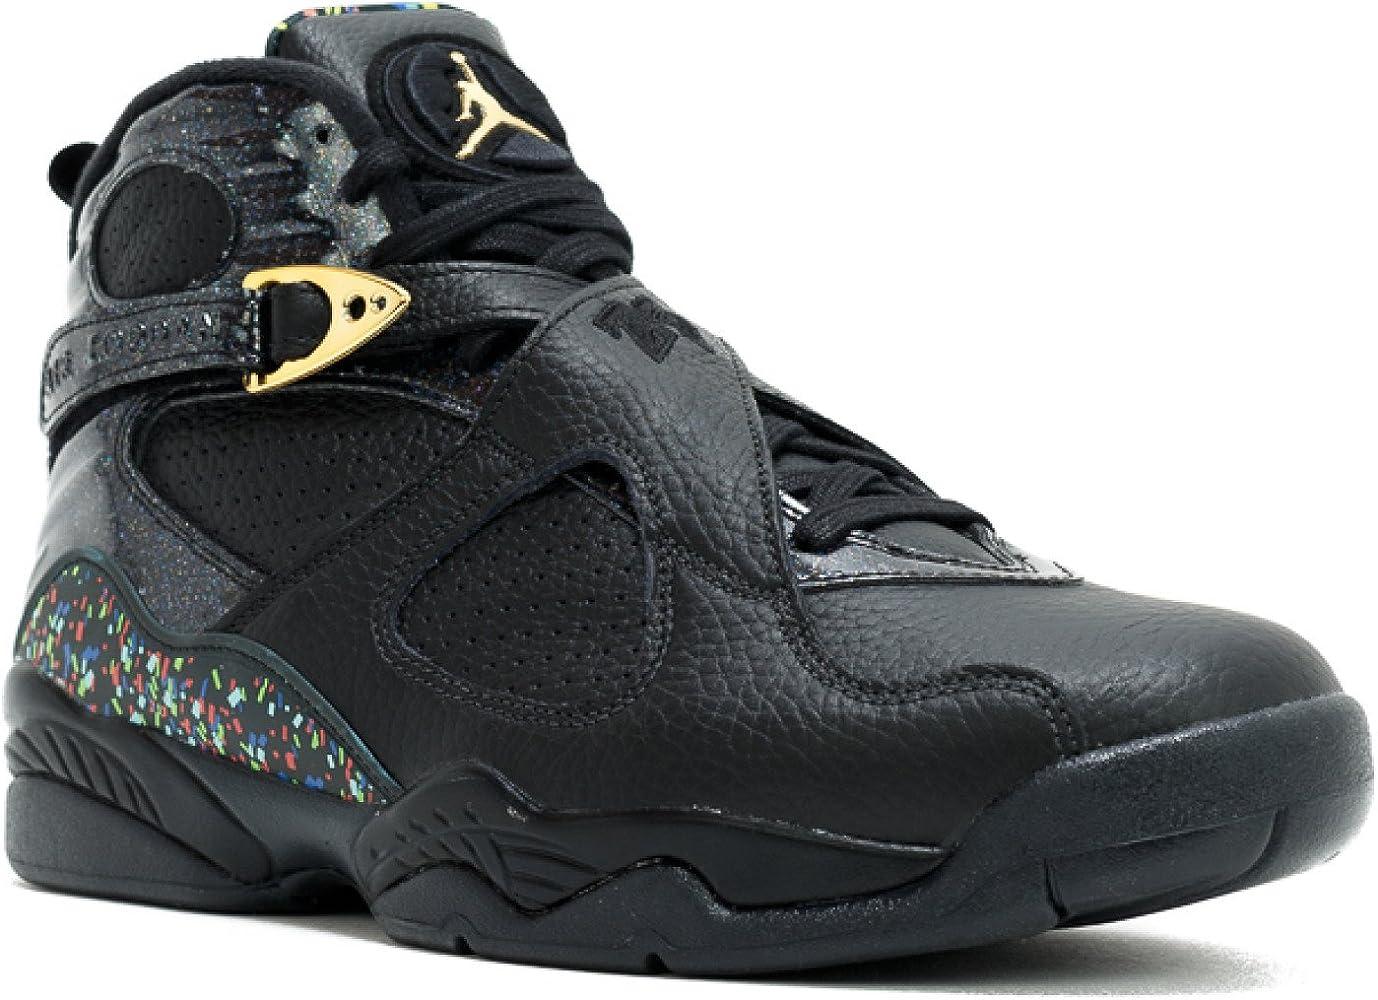 Nike Mens Air Jordan 8 Retro C\u0026C Black